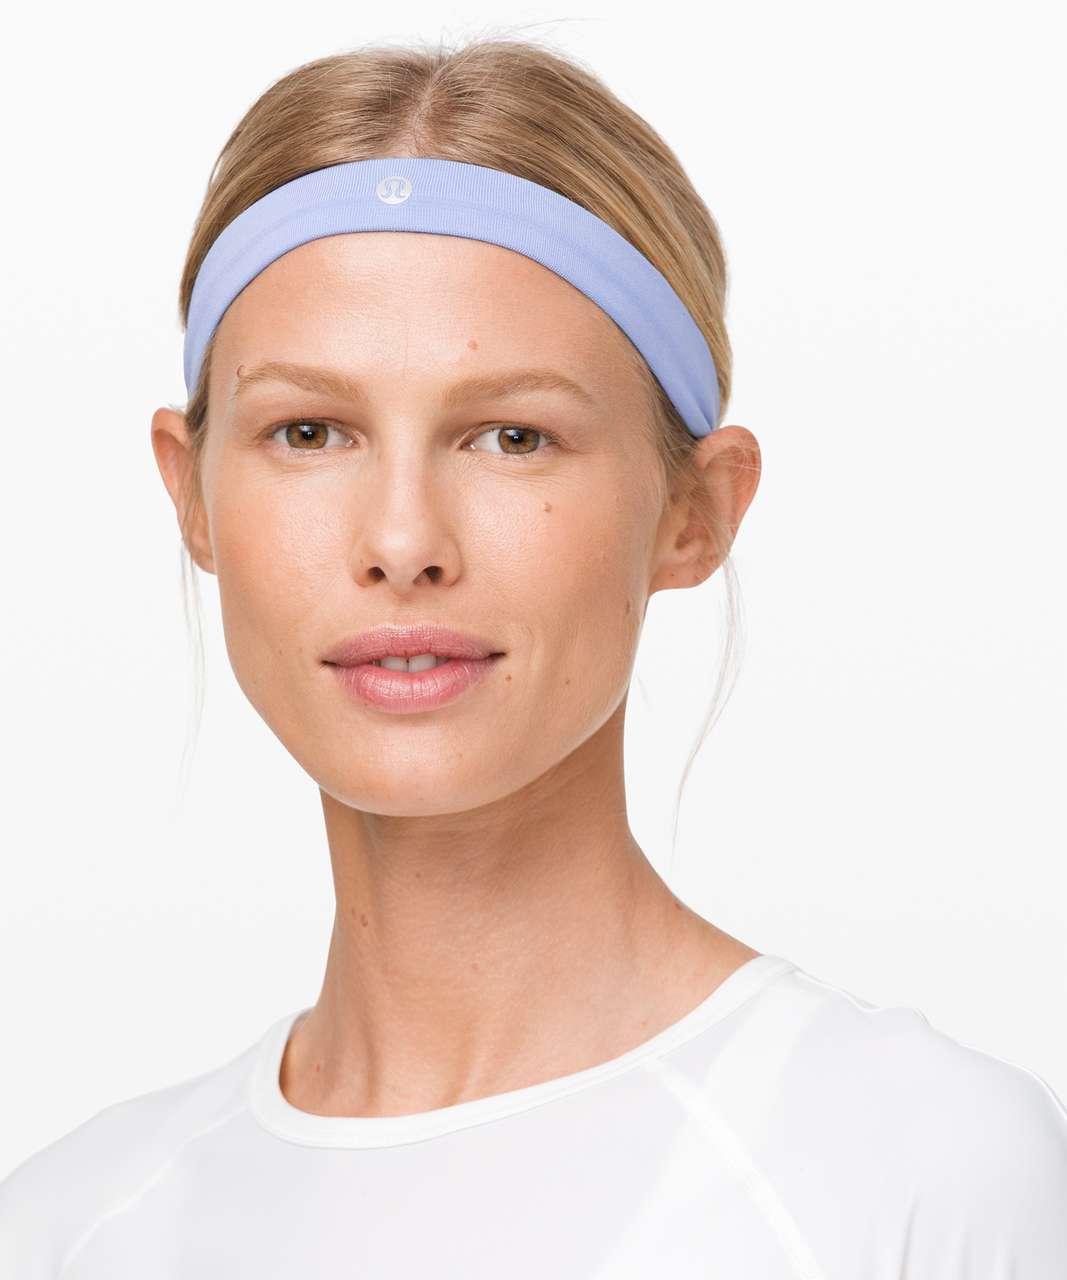 Lululemon Cardio Cross Trainer Headband - Violet Viola / Lavender Dusk